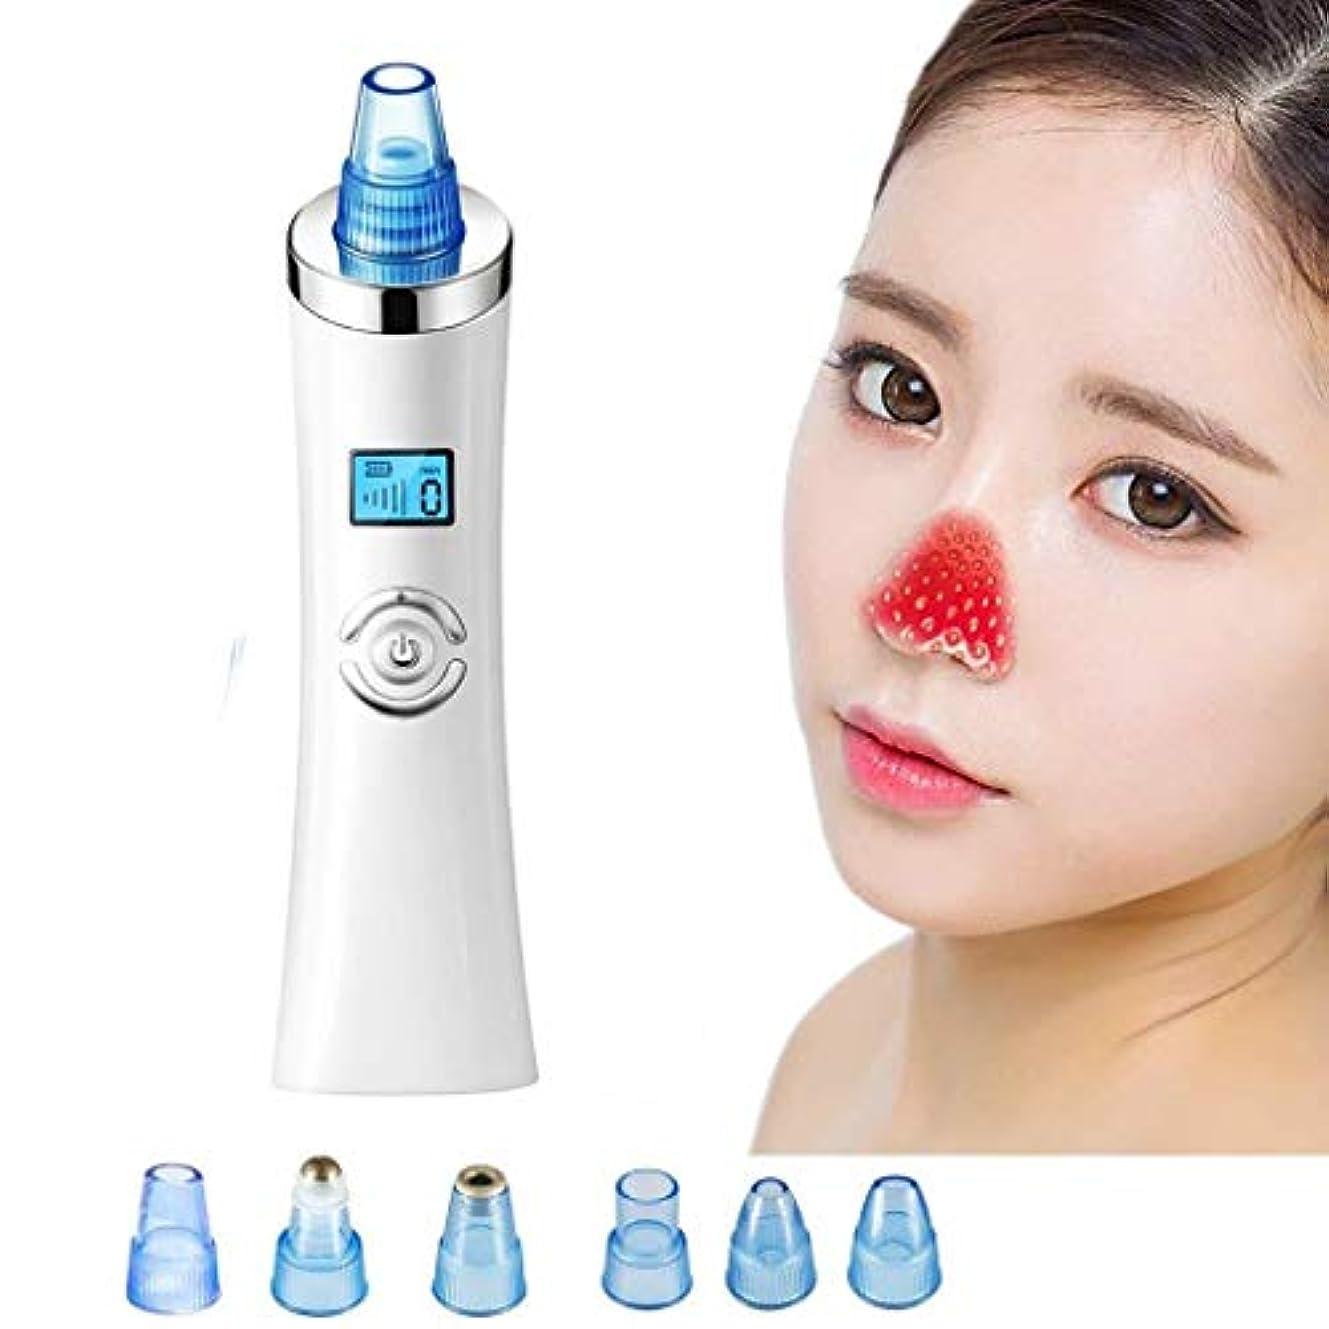 乱闘答えマイクロにきび除去剤、毛穴クレンザー掃除機電気顔にきび除去剤抽出ツール6交換可能なヘッド充電式にきび除去